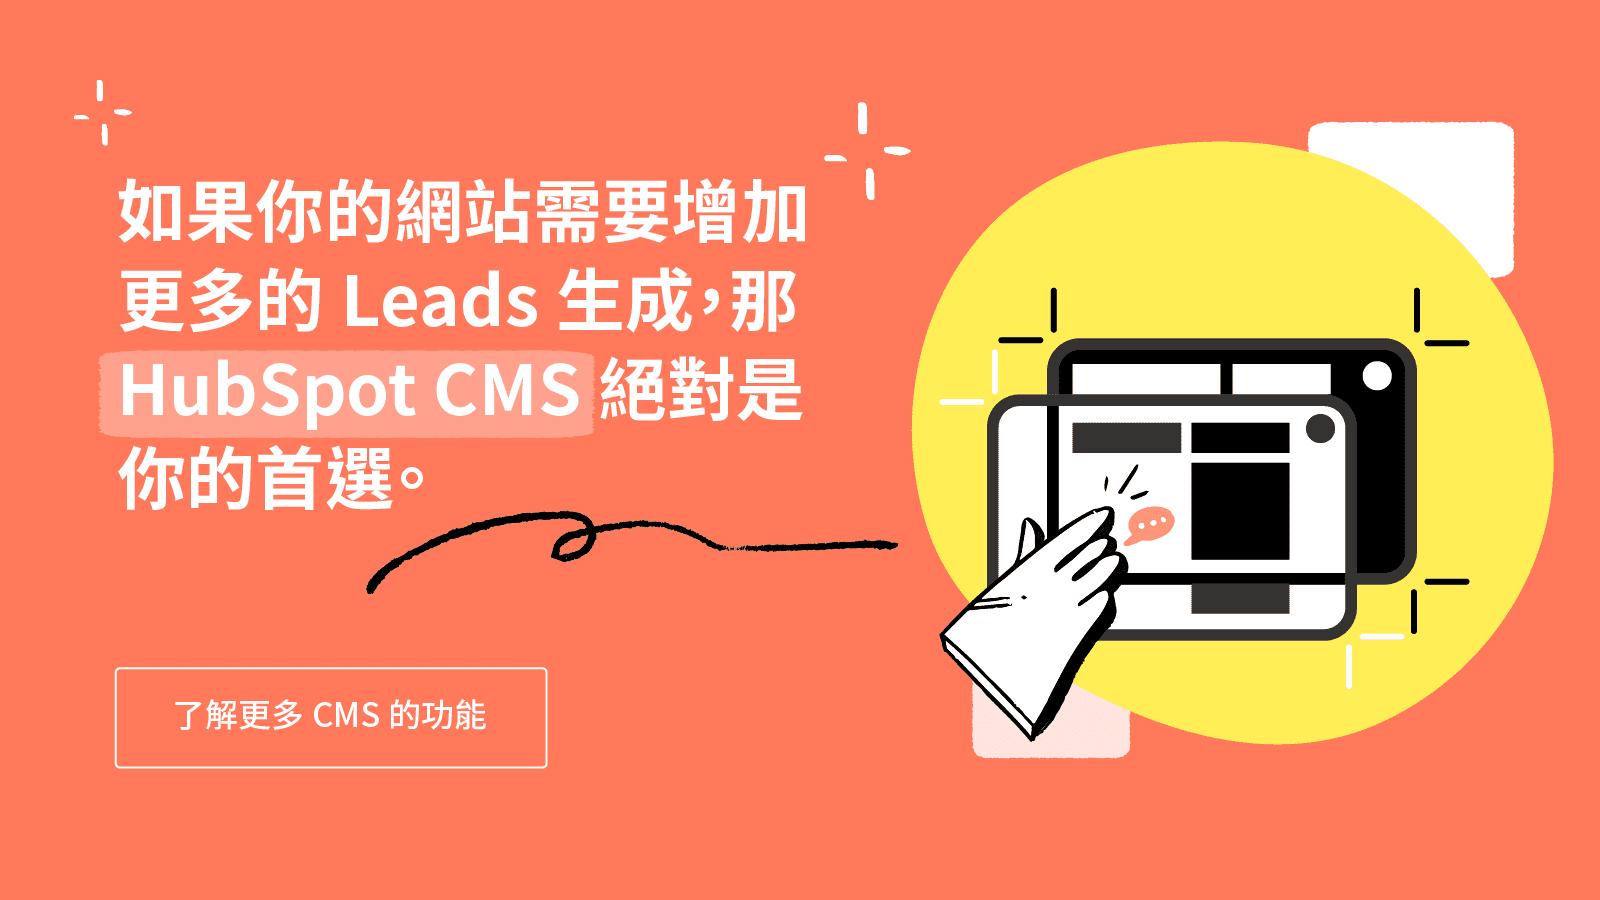 HubSpot 台灣 Banner-CMS